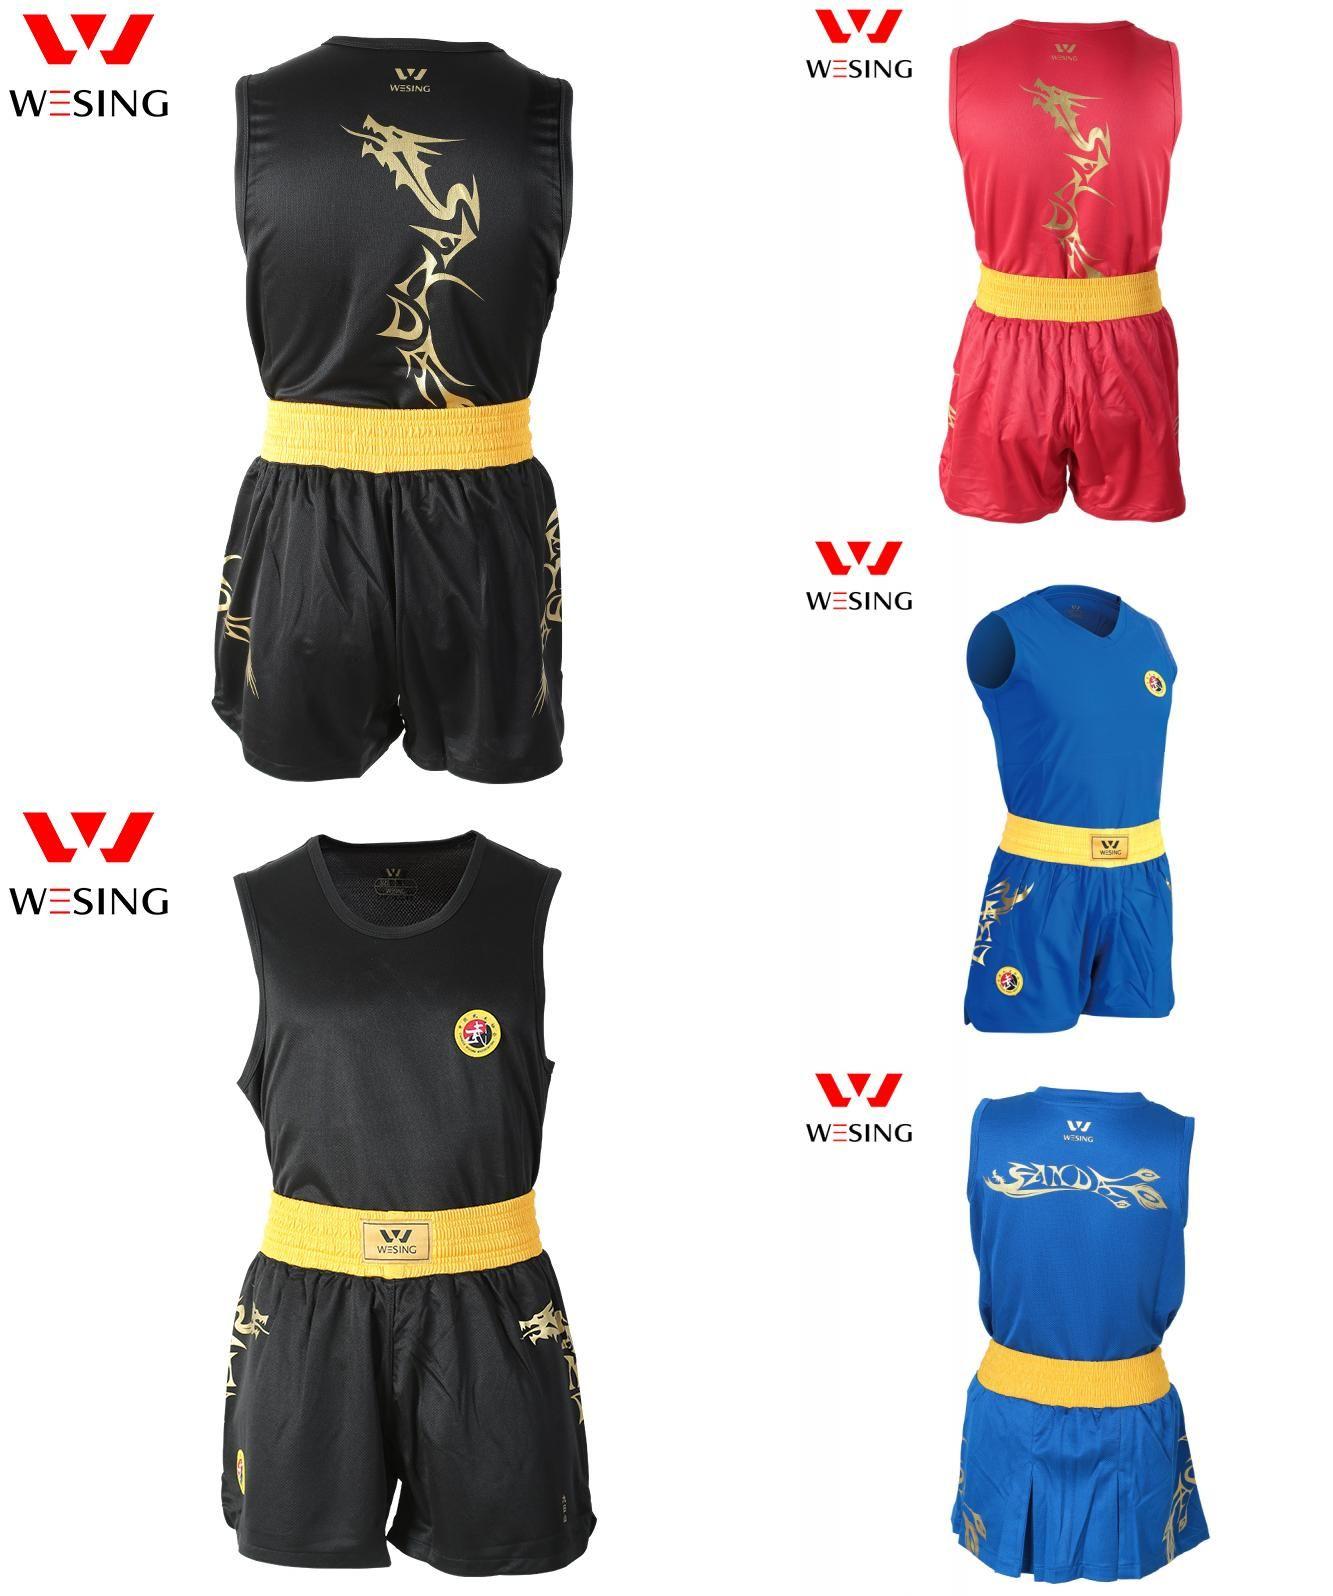 [Visit to Buy] WESING wushu sanda uniform kick boxing suit